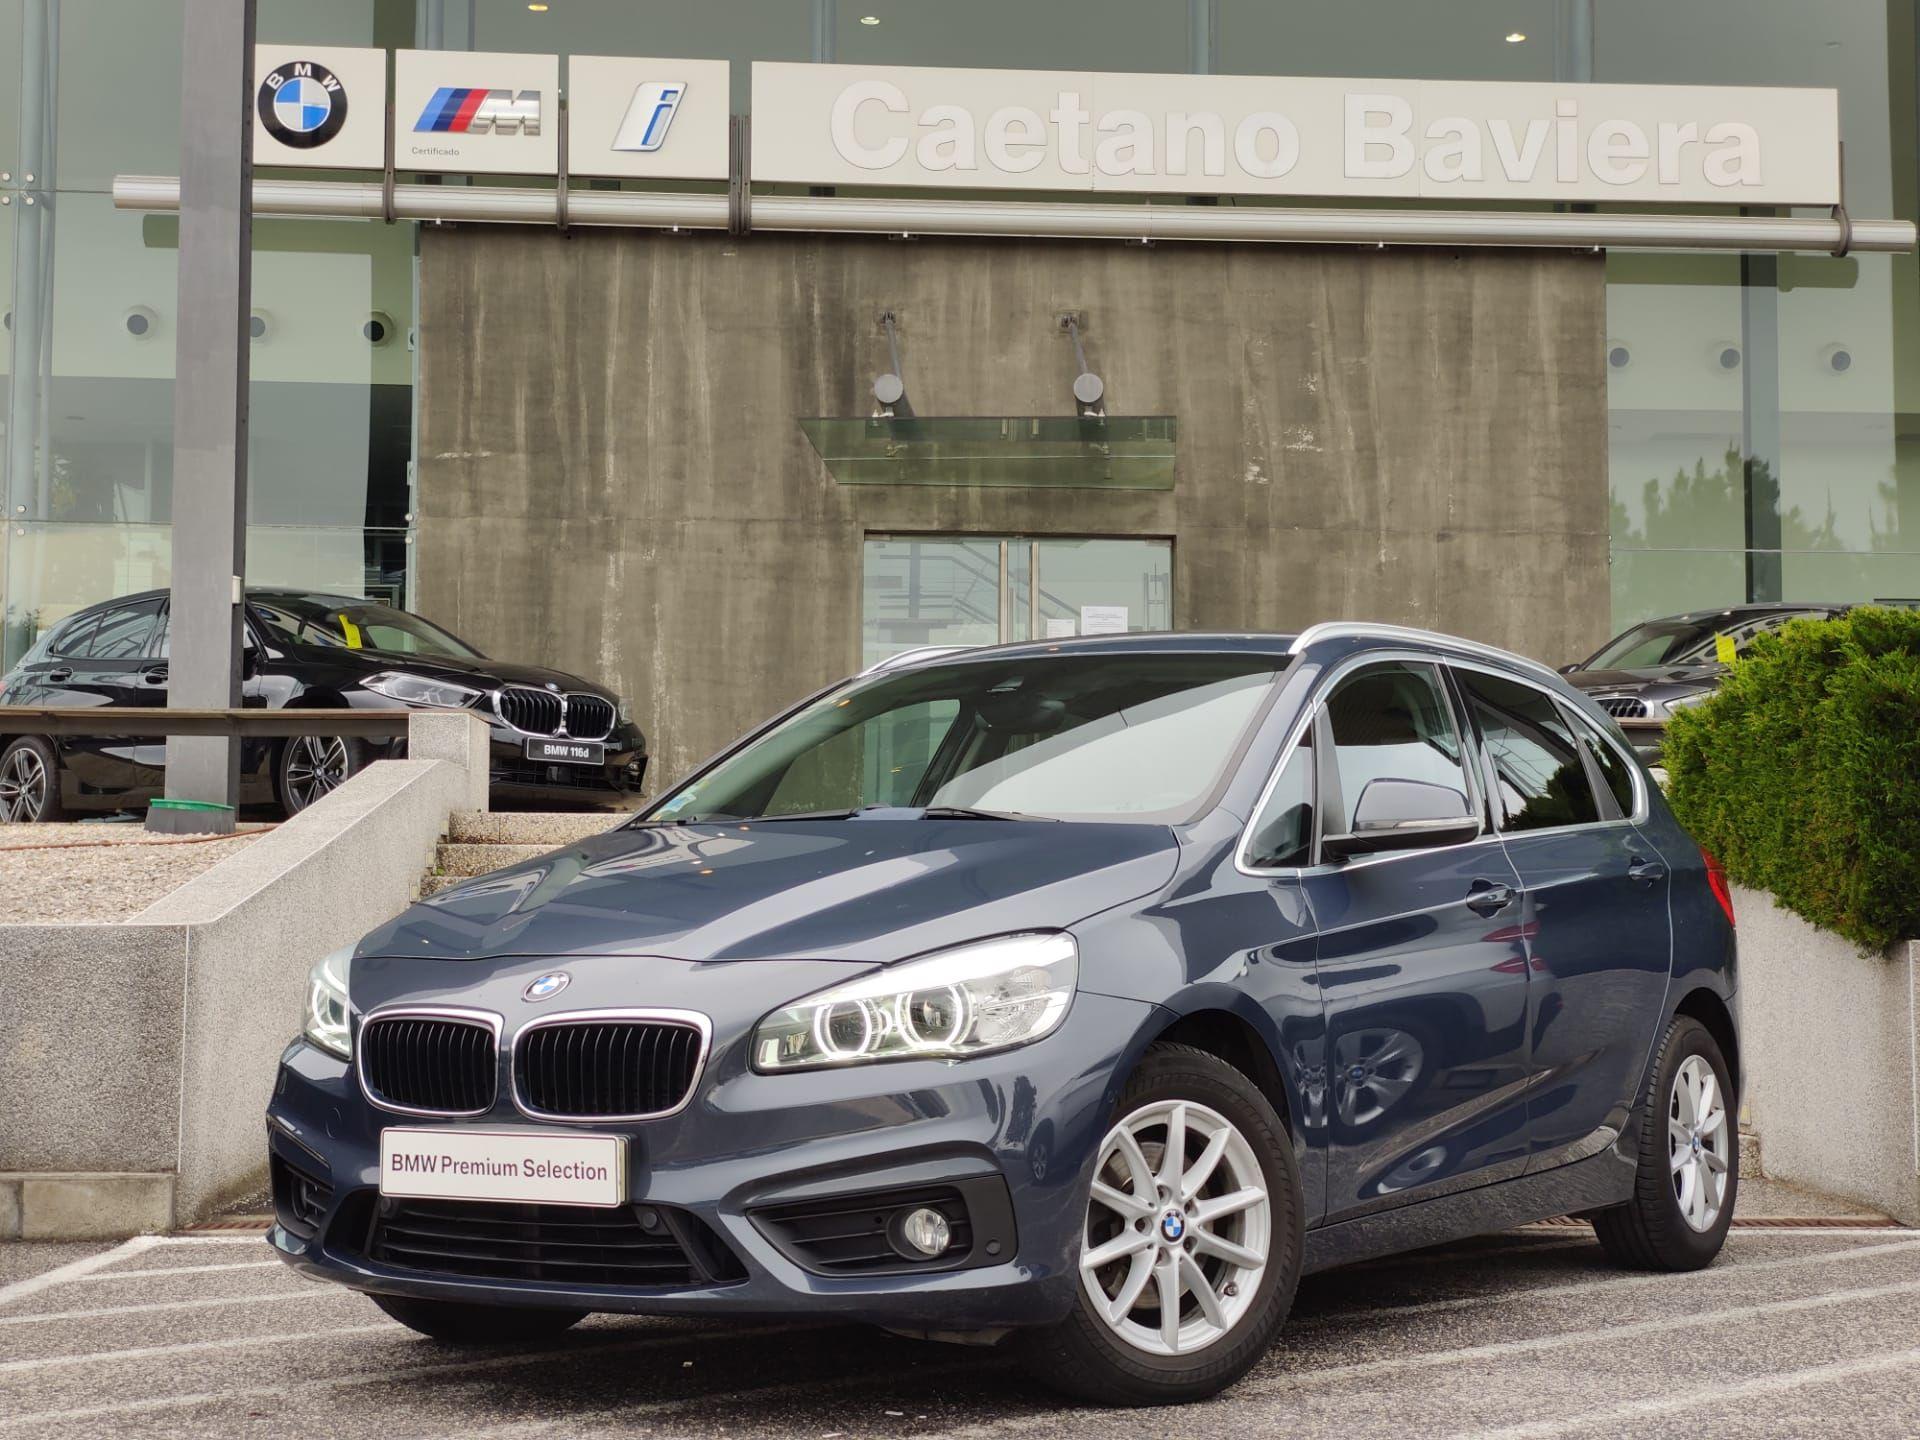 BMW Serie 2 Active Tourer 216d Advantage GPS segunda mão Lisboa